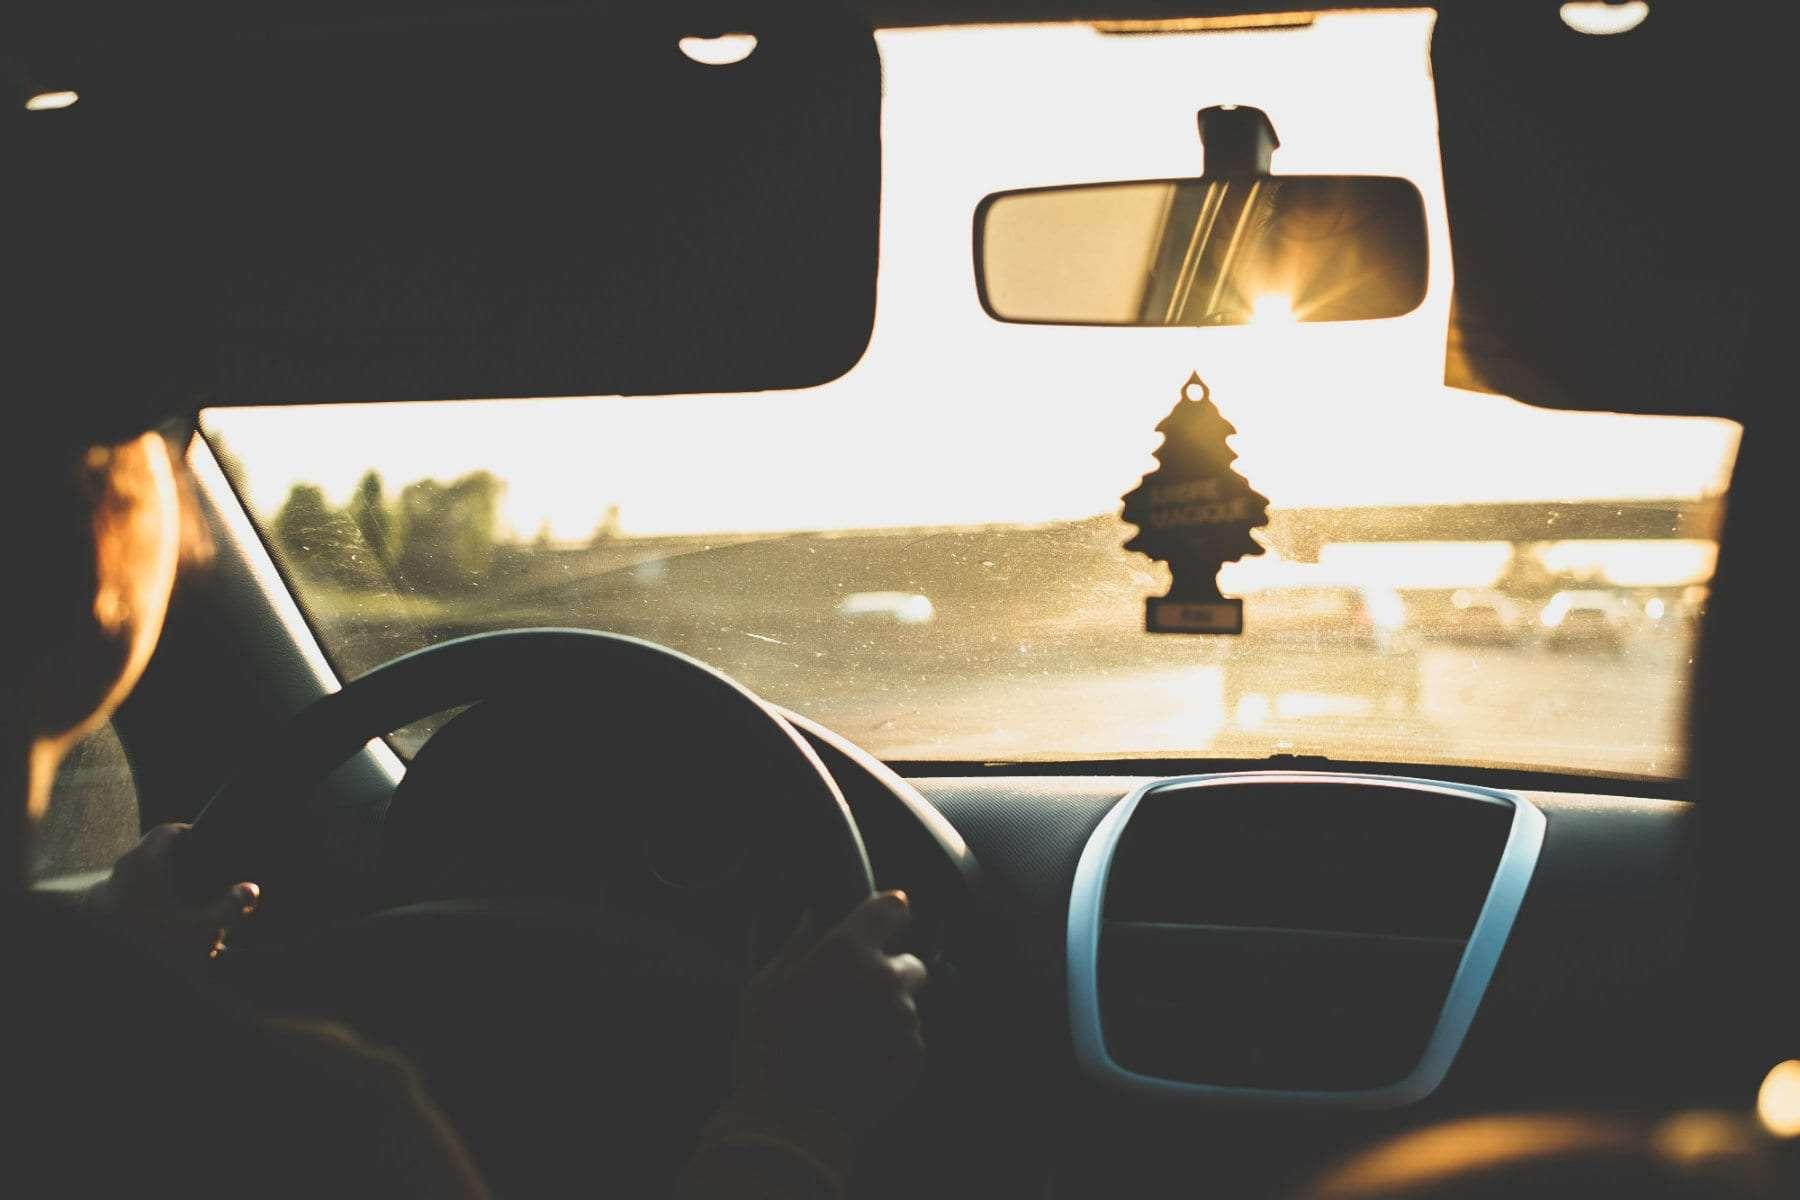 Cómo evitar los deslumbramientos al conducir